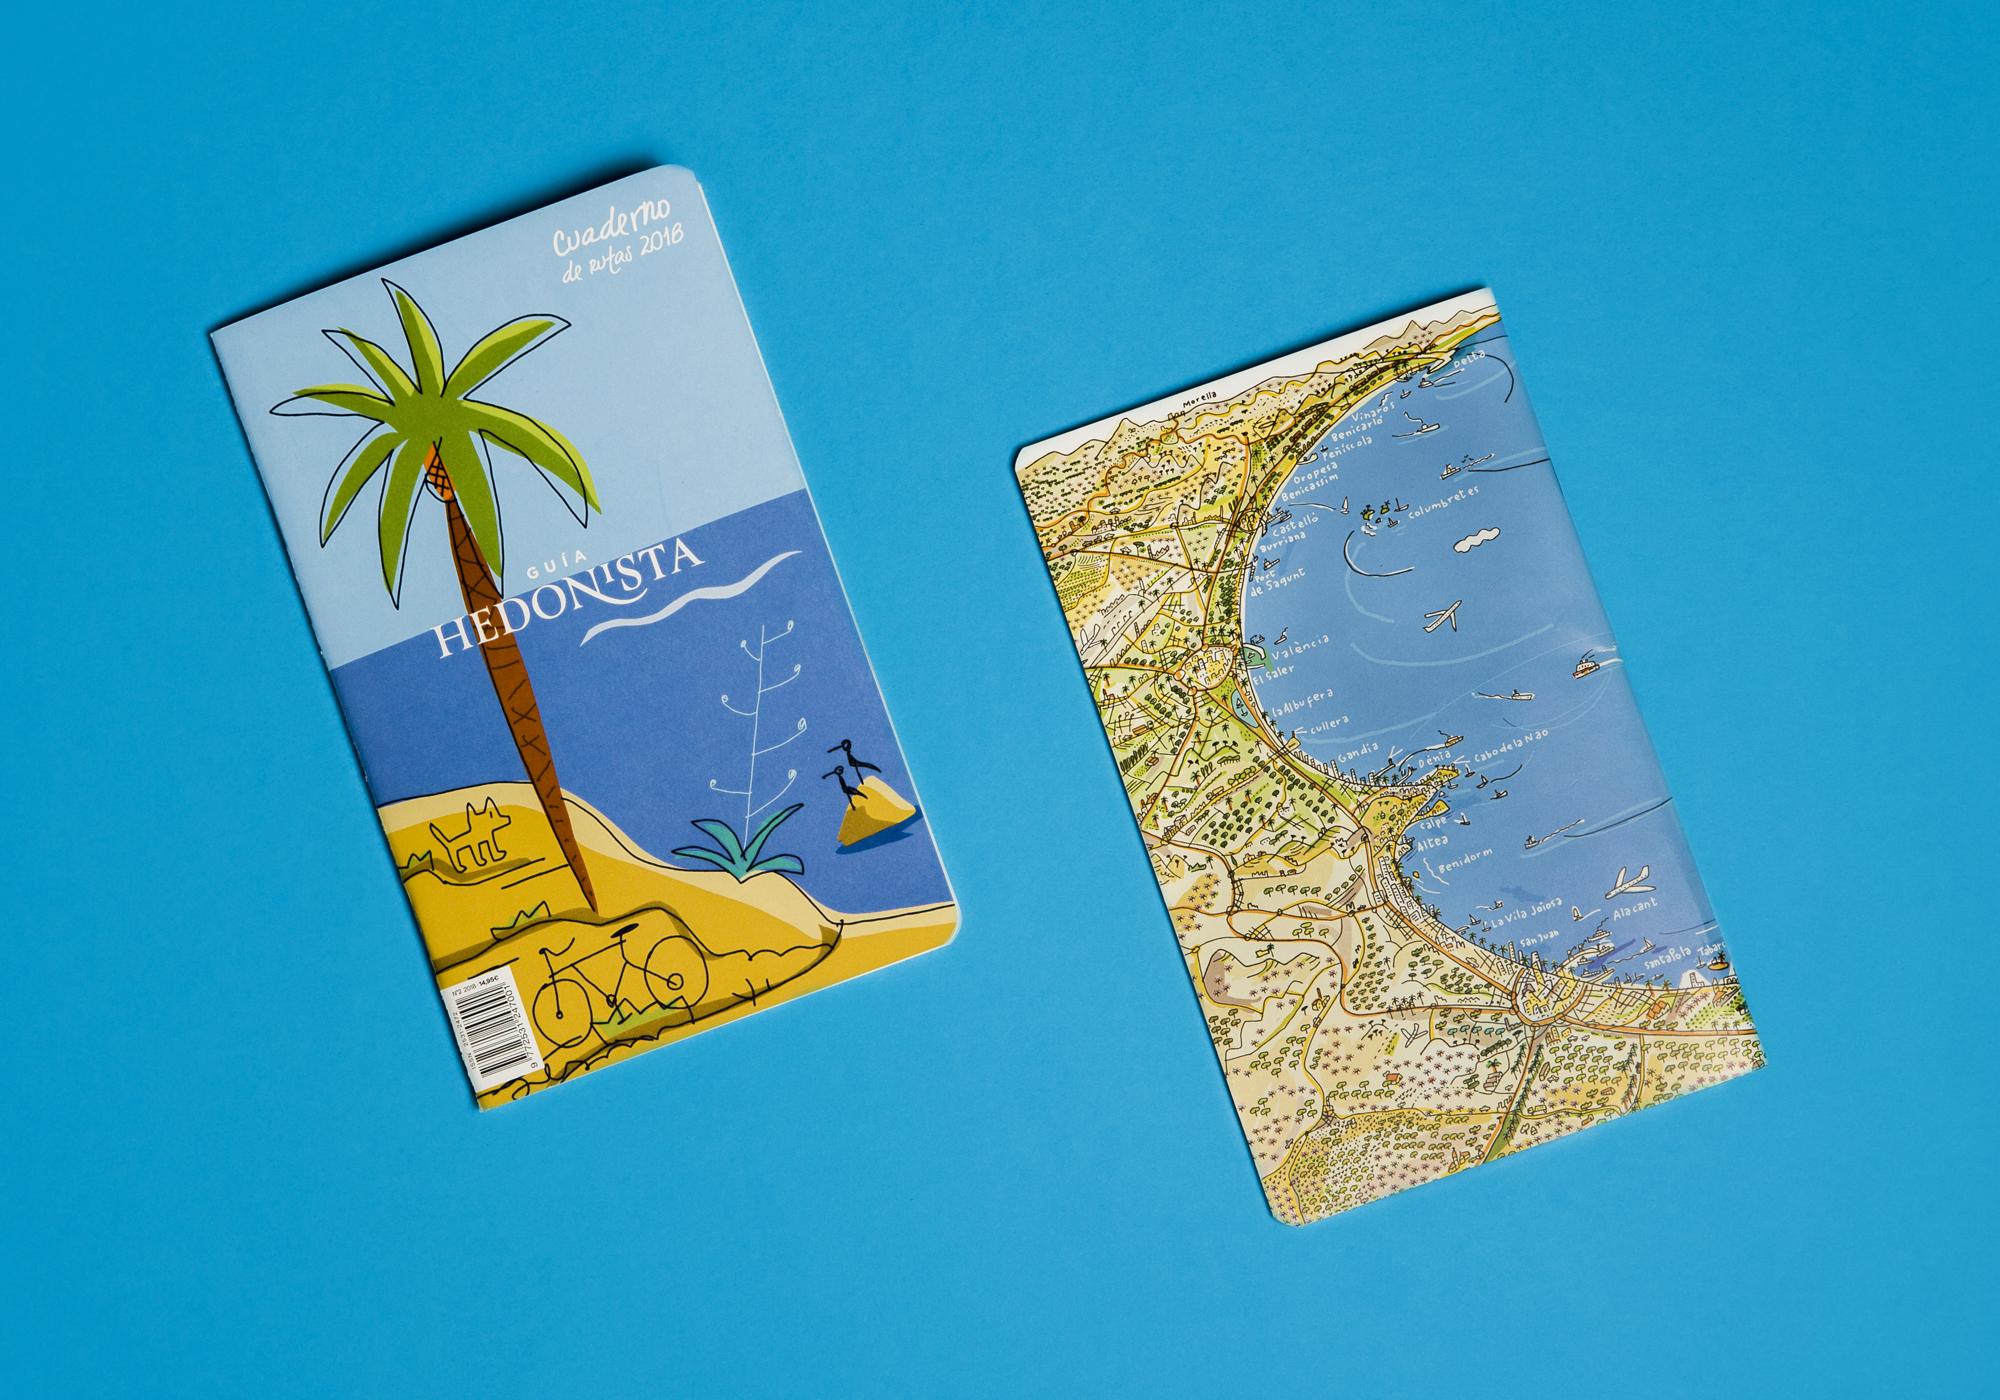 Cuaderno de rutas Guía Hedonista